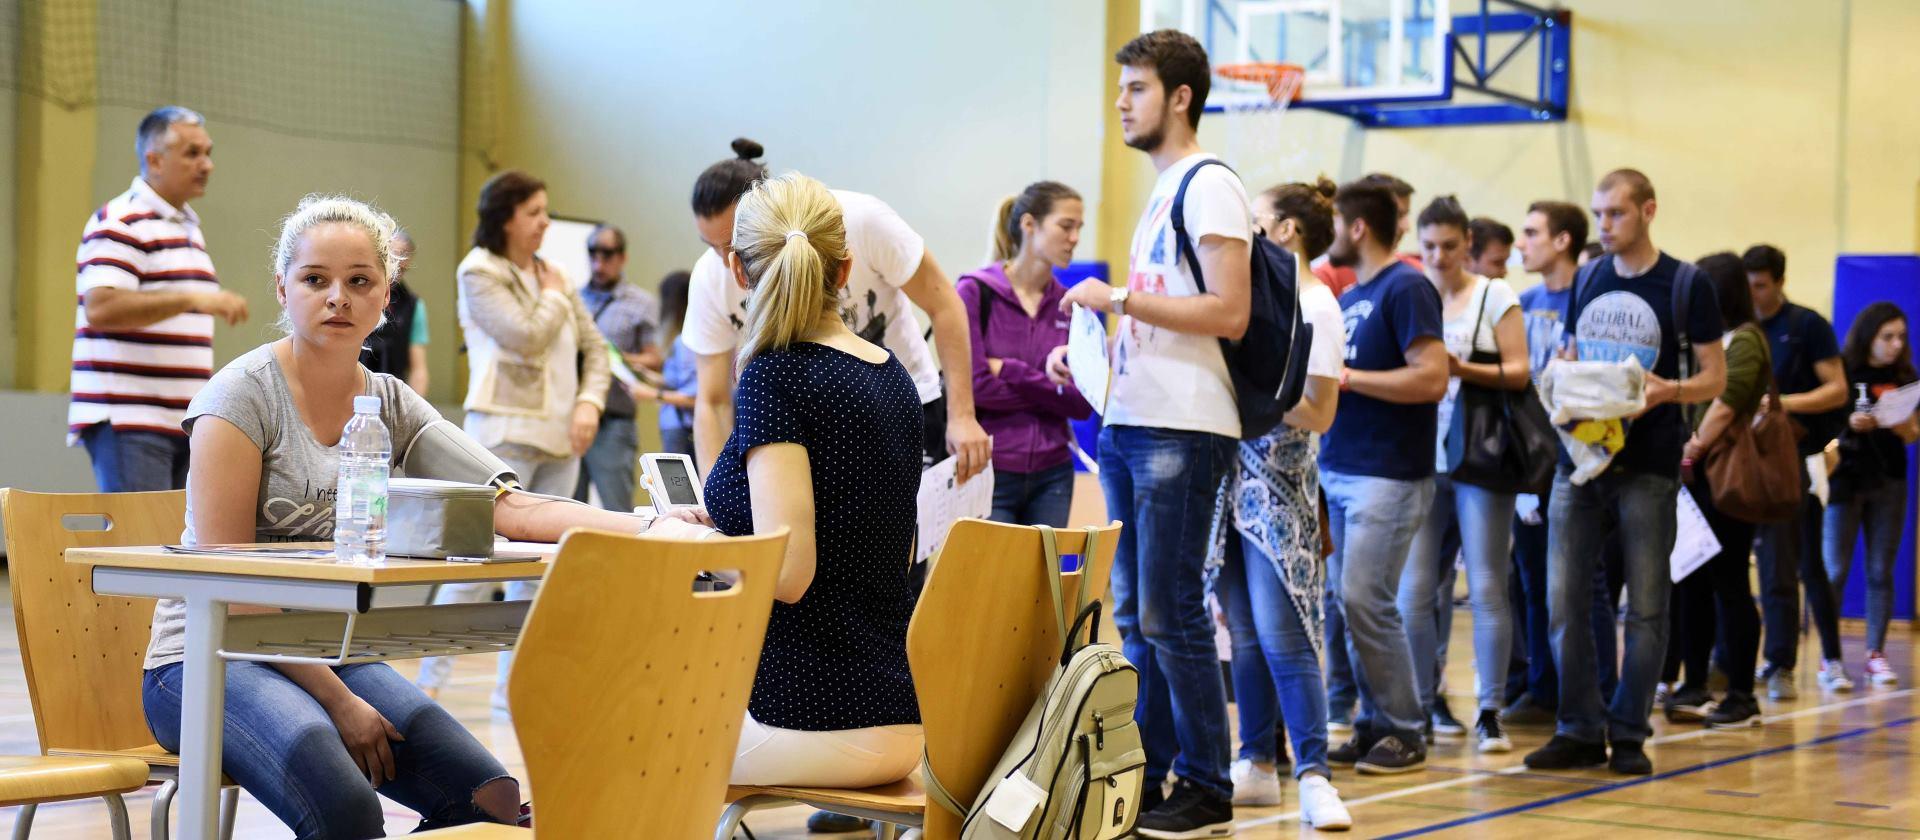 Više od 200 studenata saznalo kardiovaskularni rizik u sklopu projekta 'Čuvari srca'